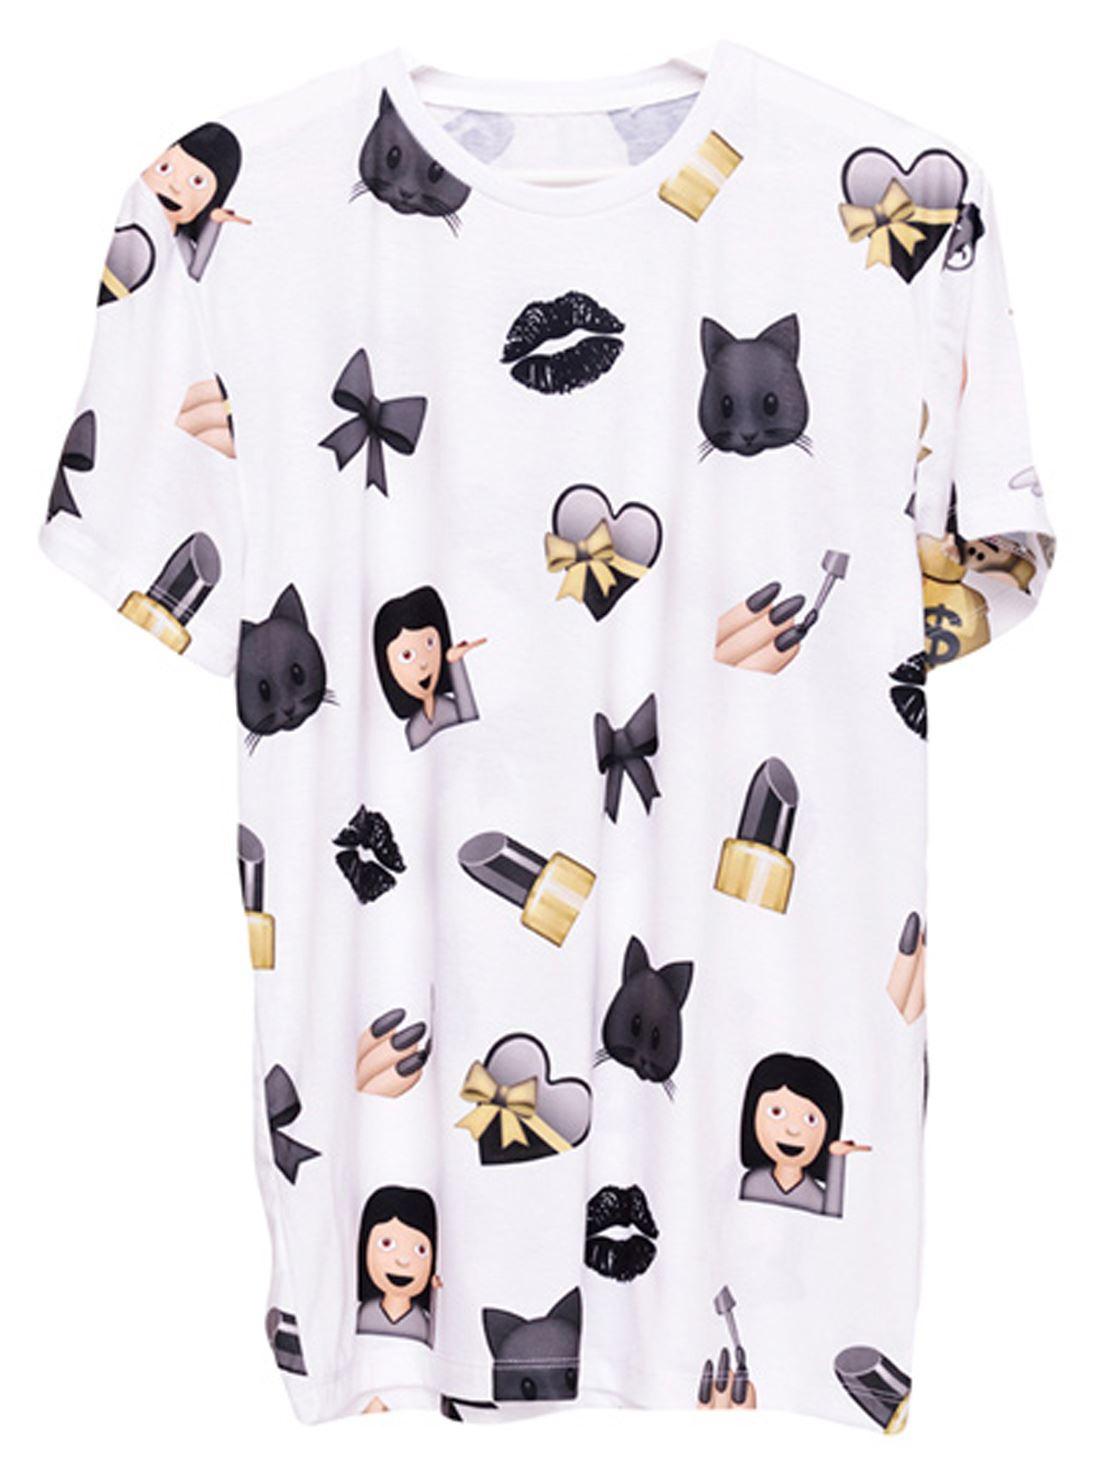 womensgilrs large gym tshirt emoji black smile white